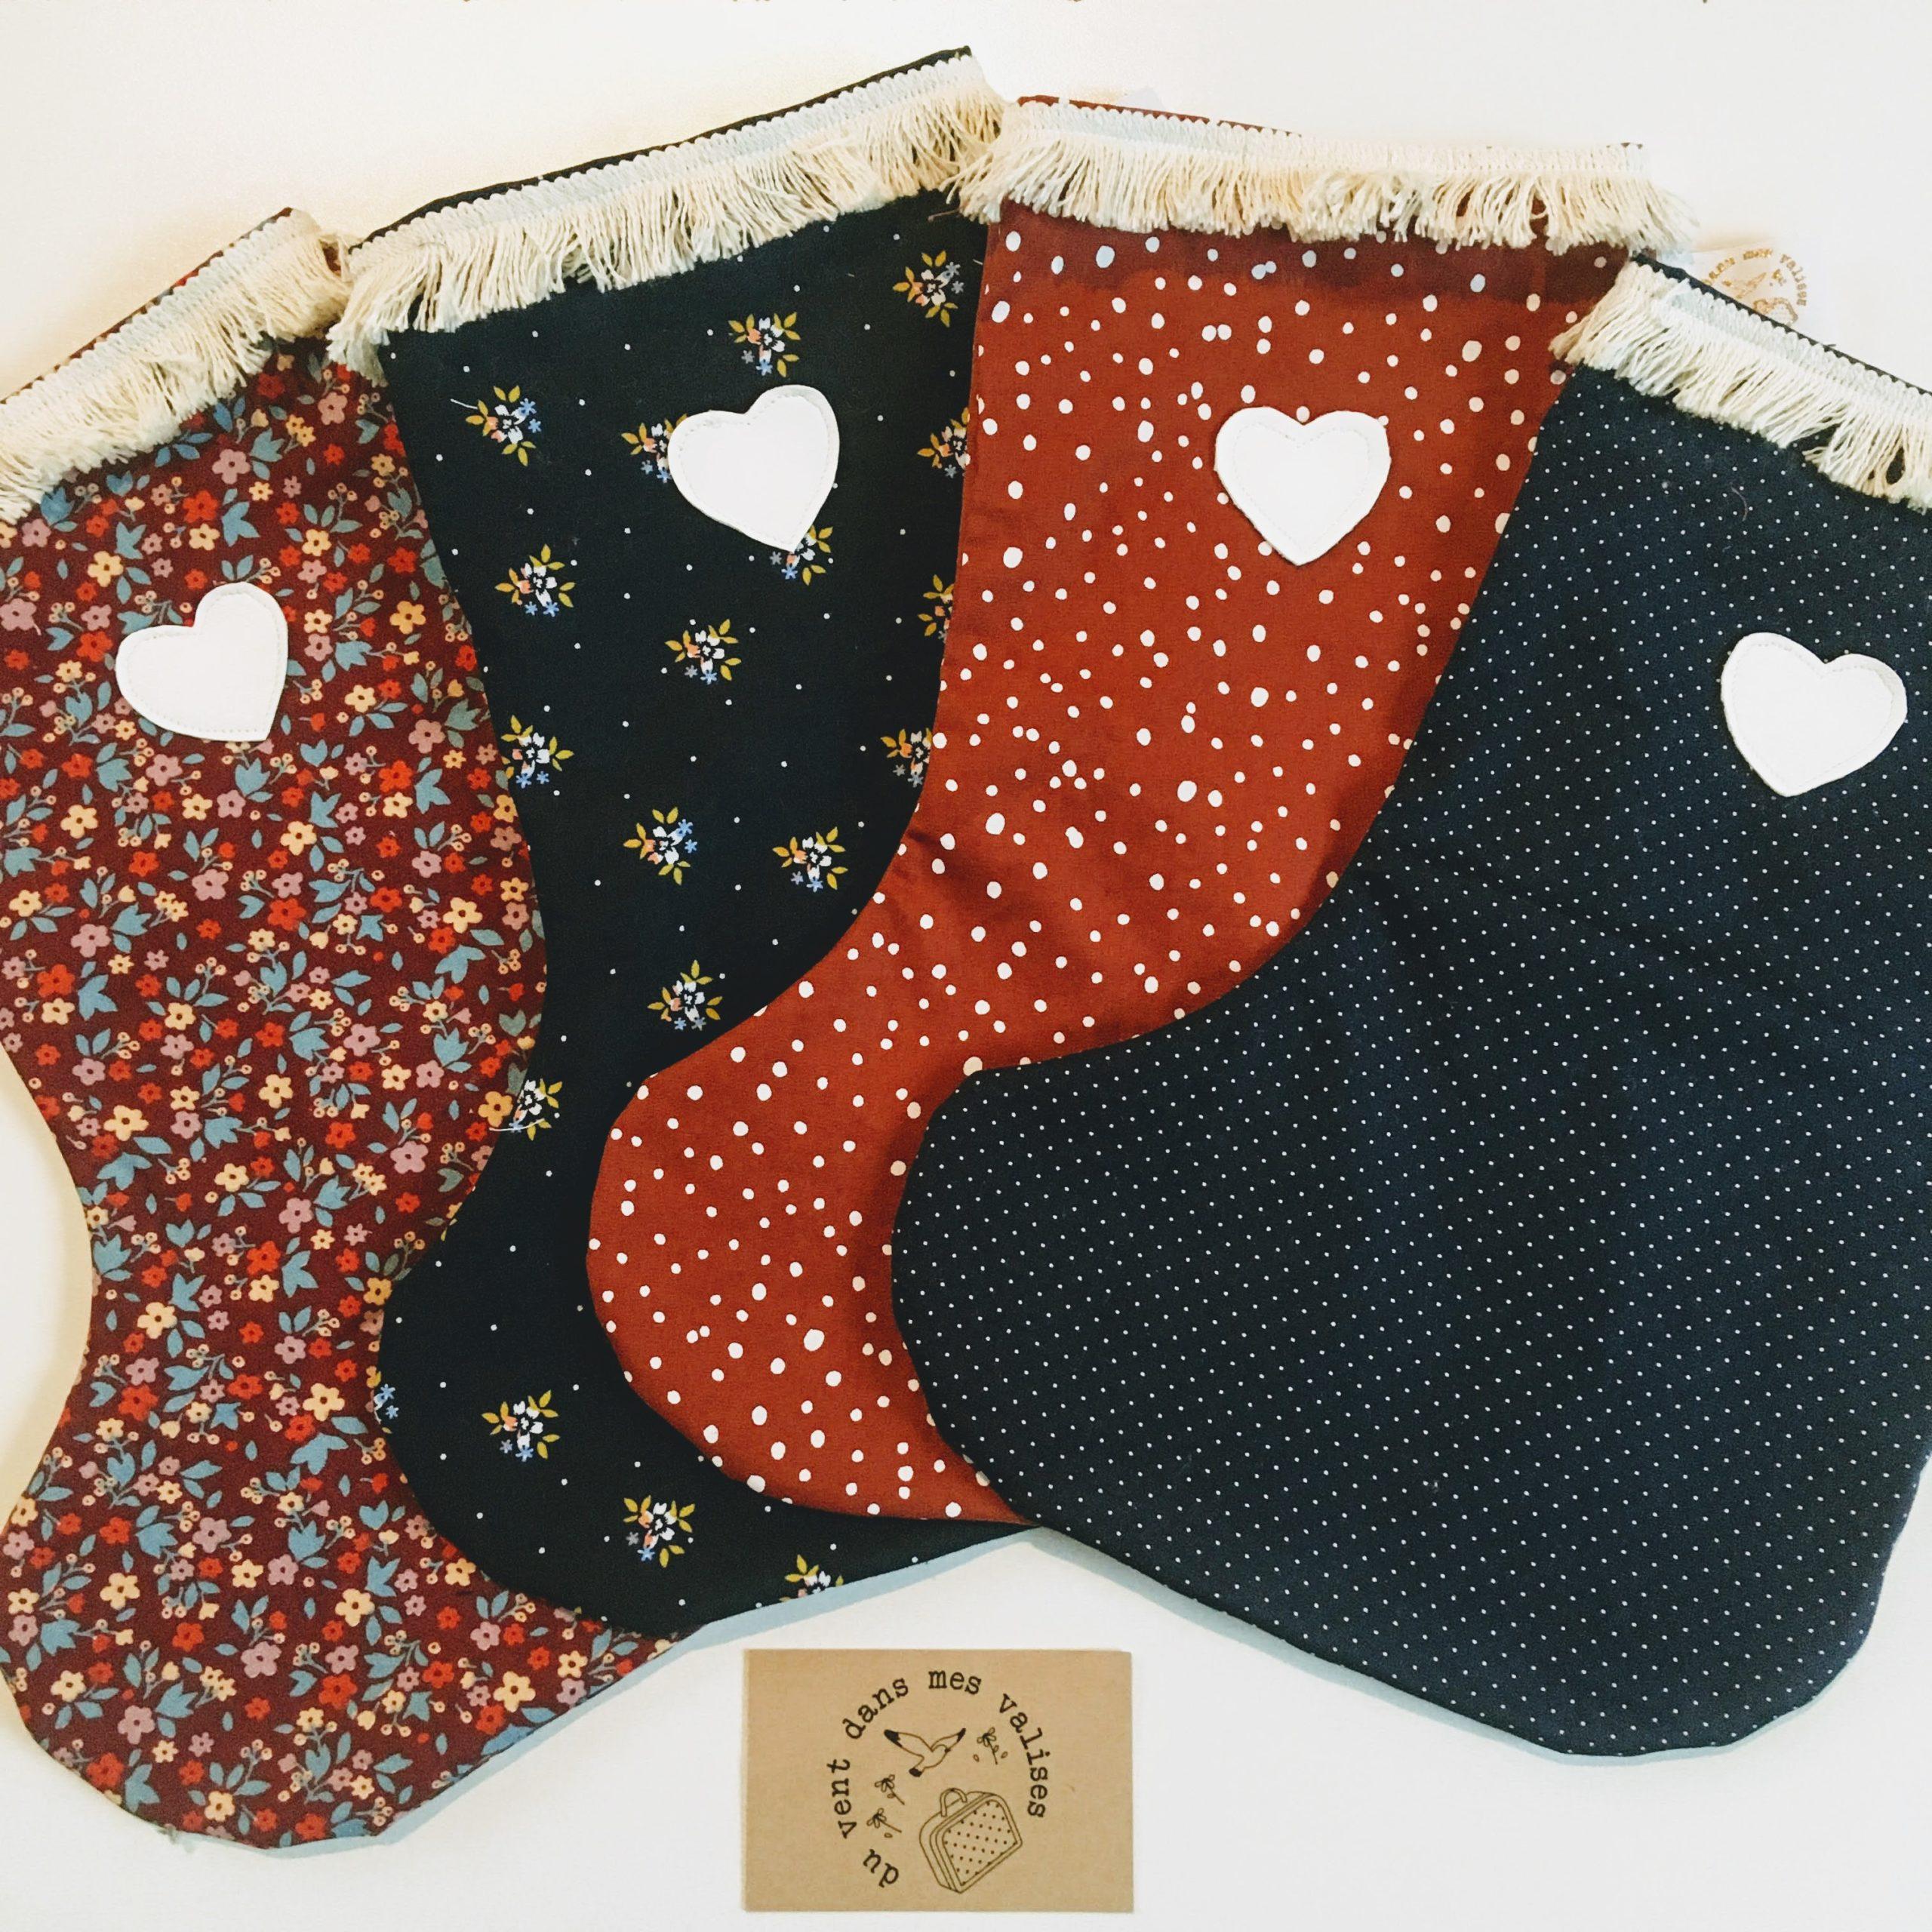 chaussettes de Noël made in France traditionnel, durable et folk personnalisable en coton - du vent dans mes valises